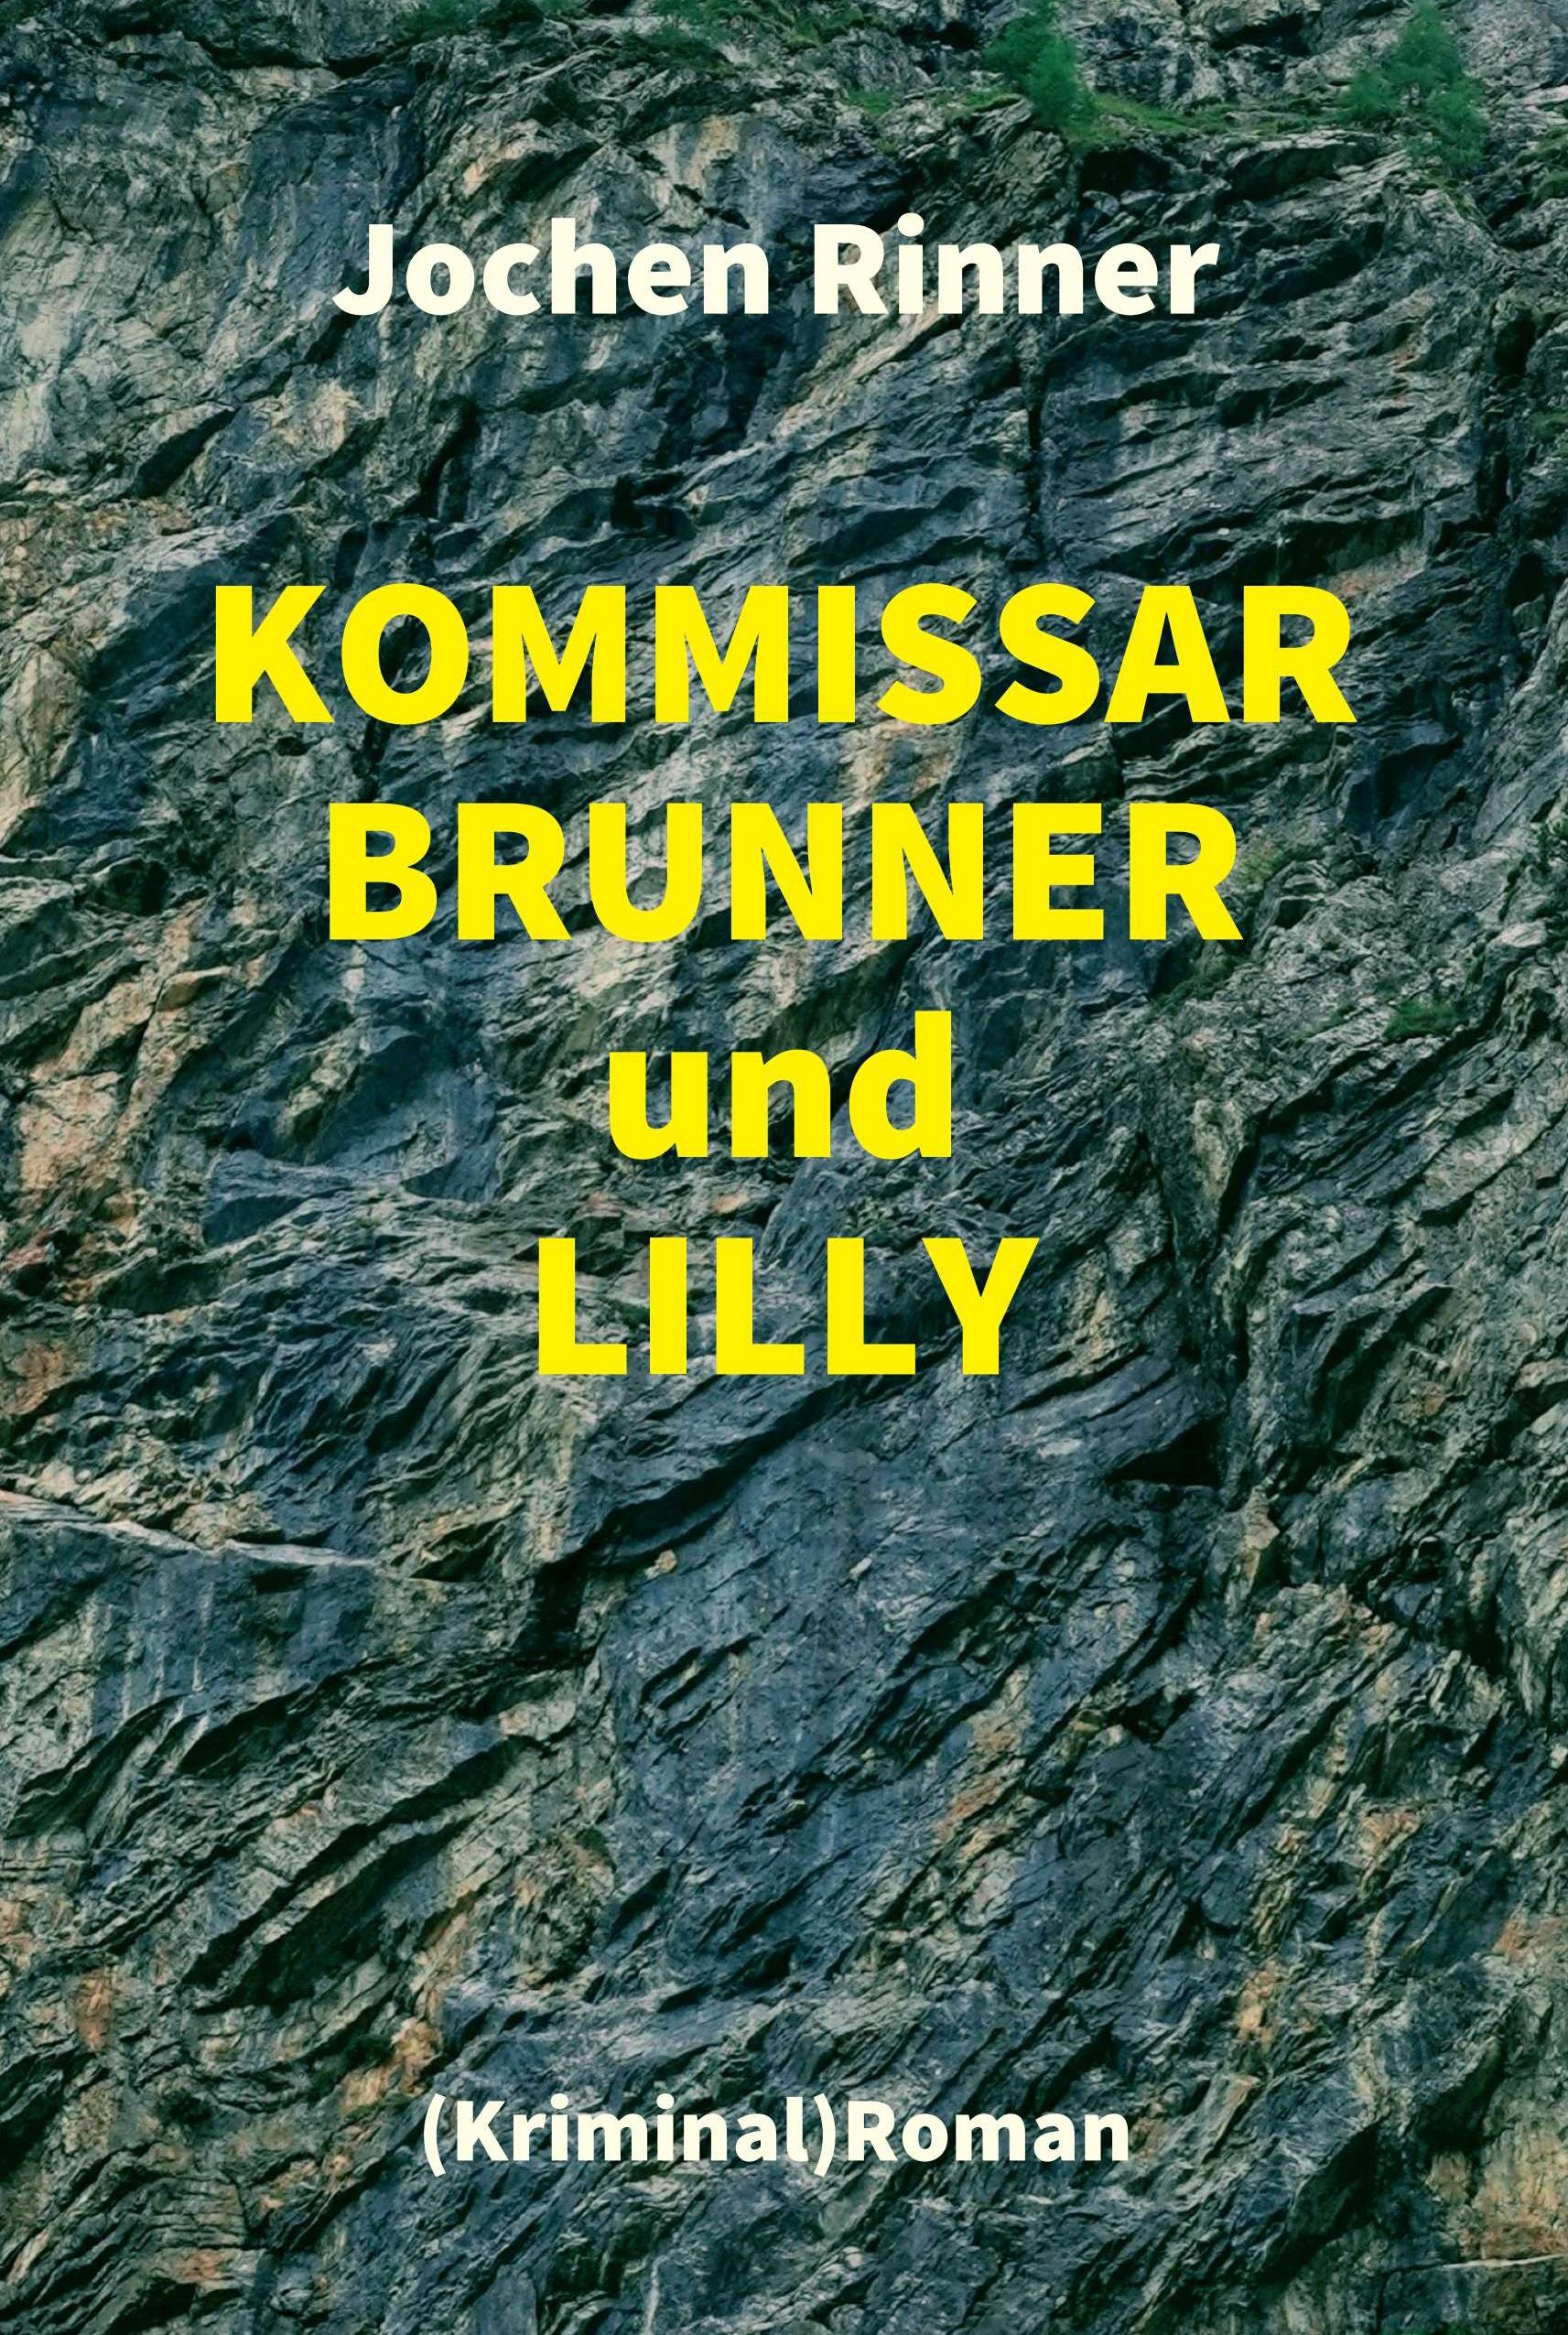 Kommissar Brunner und Lilly